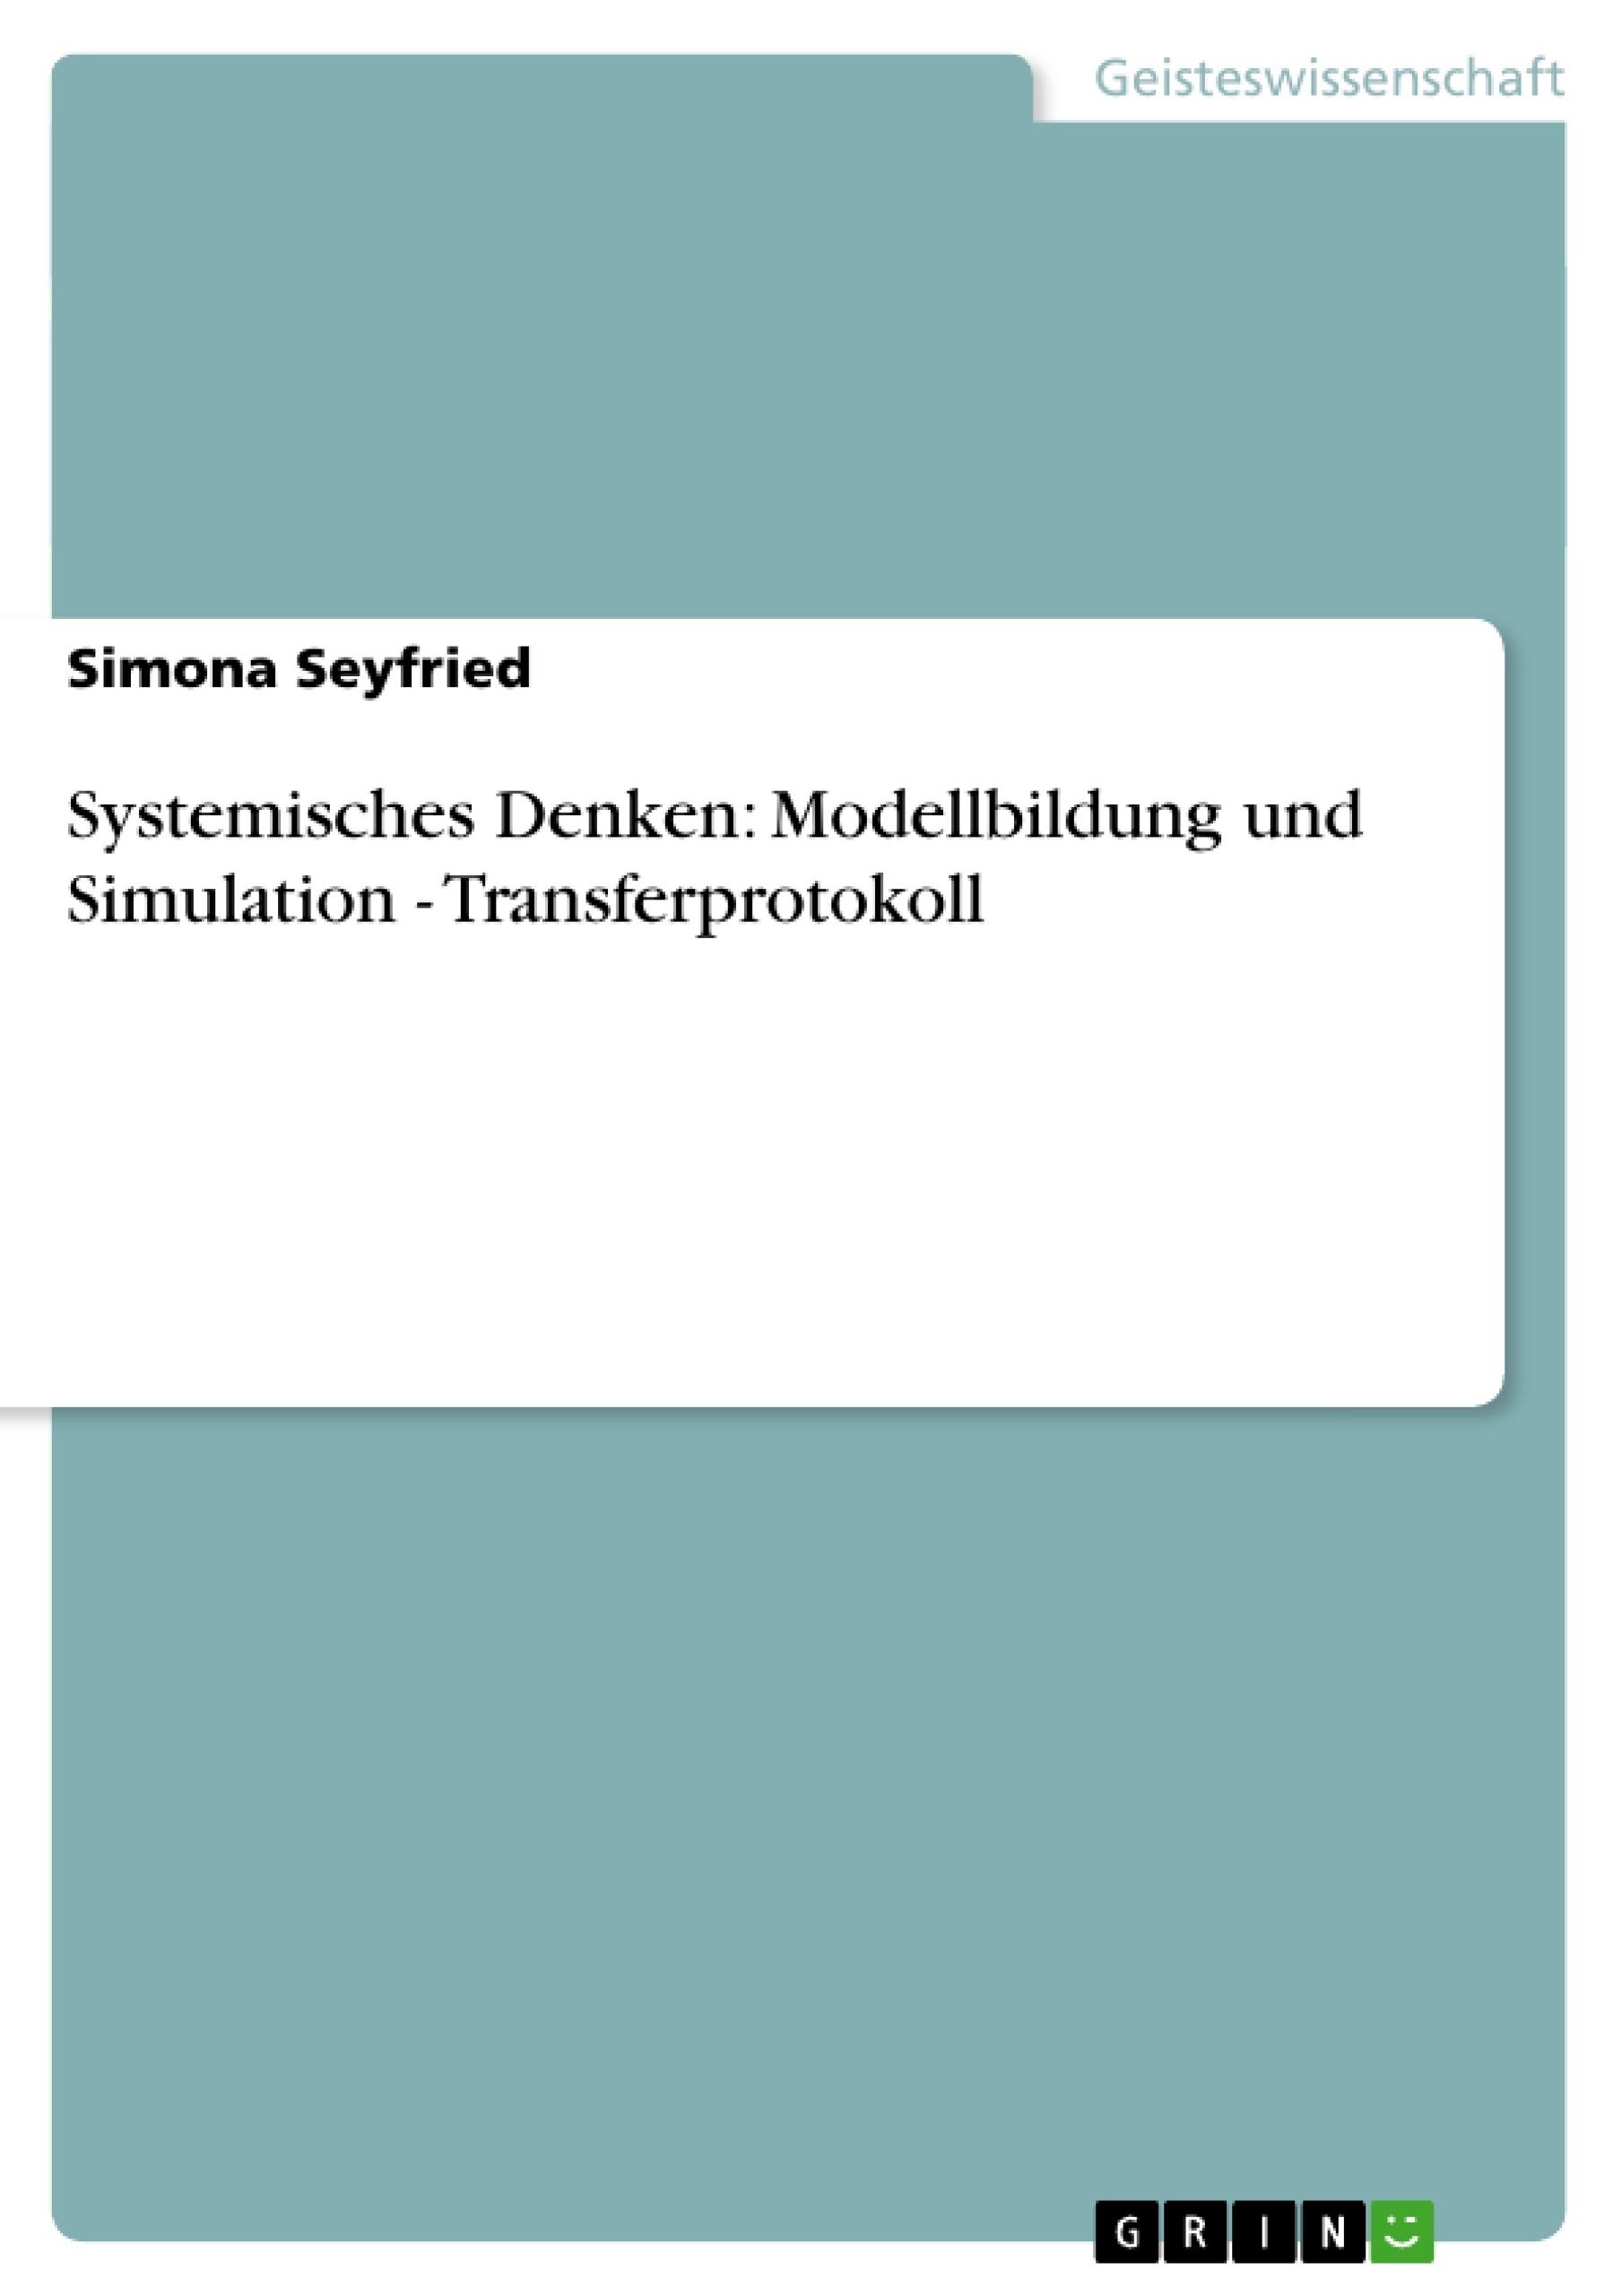 Titel: Systemisches Denken: Modellbildung und Simulation - Transferprotokoll